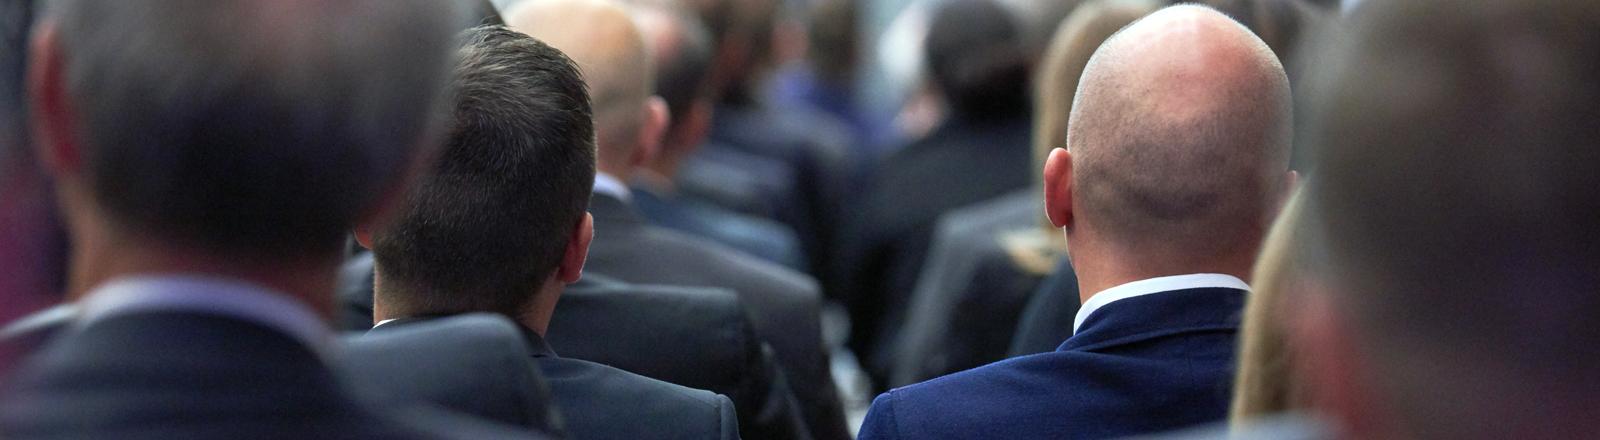 Auch eine Form von Dresscode: Männergruppe im Anzug